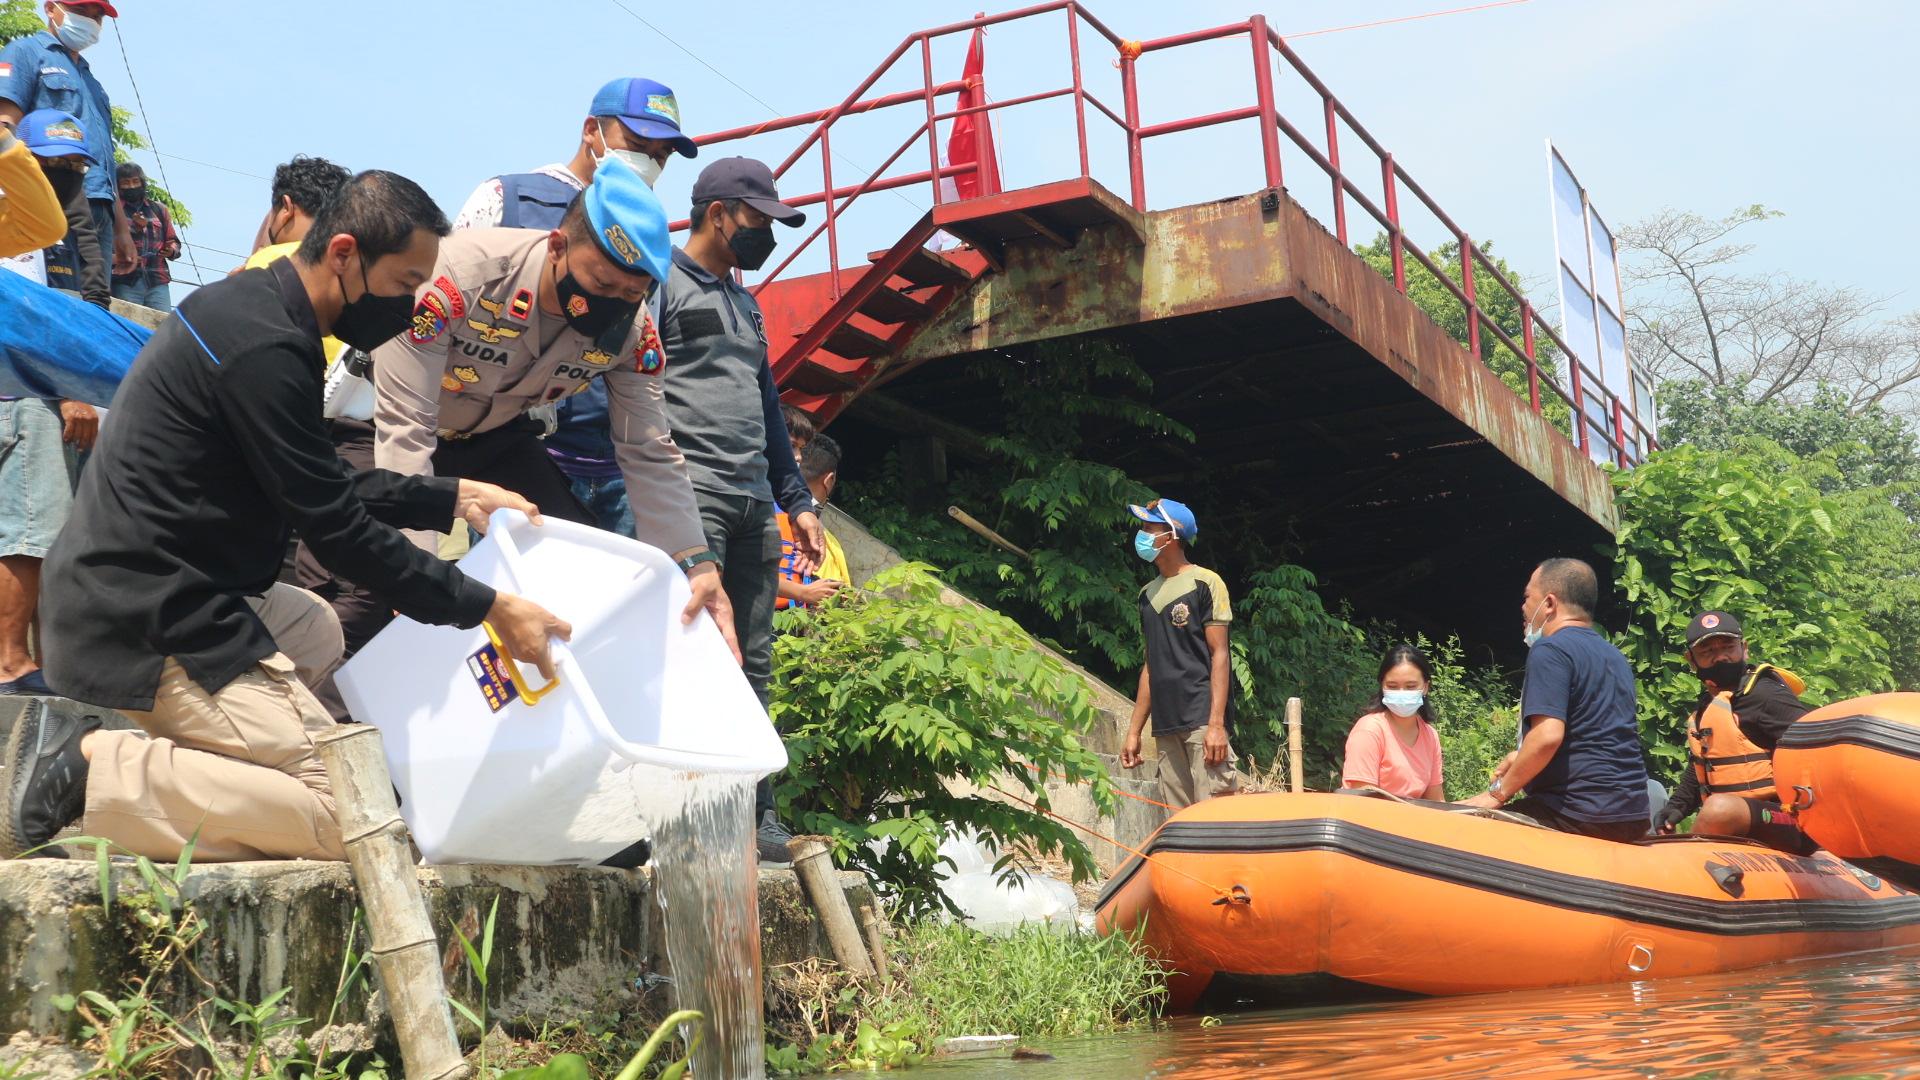 Jumlah Ikan Lokal Menurun, Gerakan Peduli Kali Brantas Tebar 10 Ribu Benih